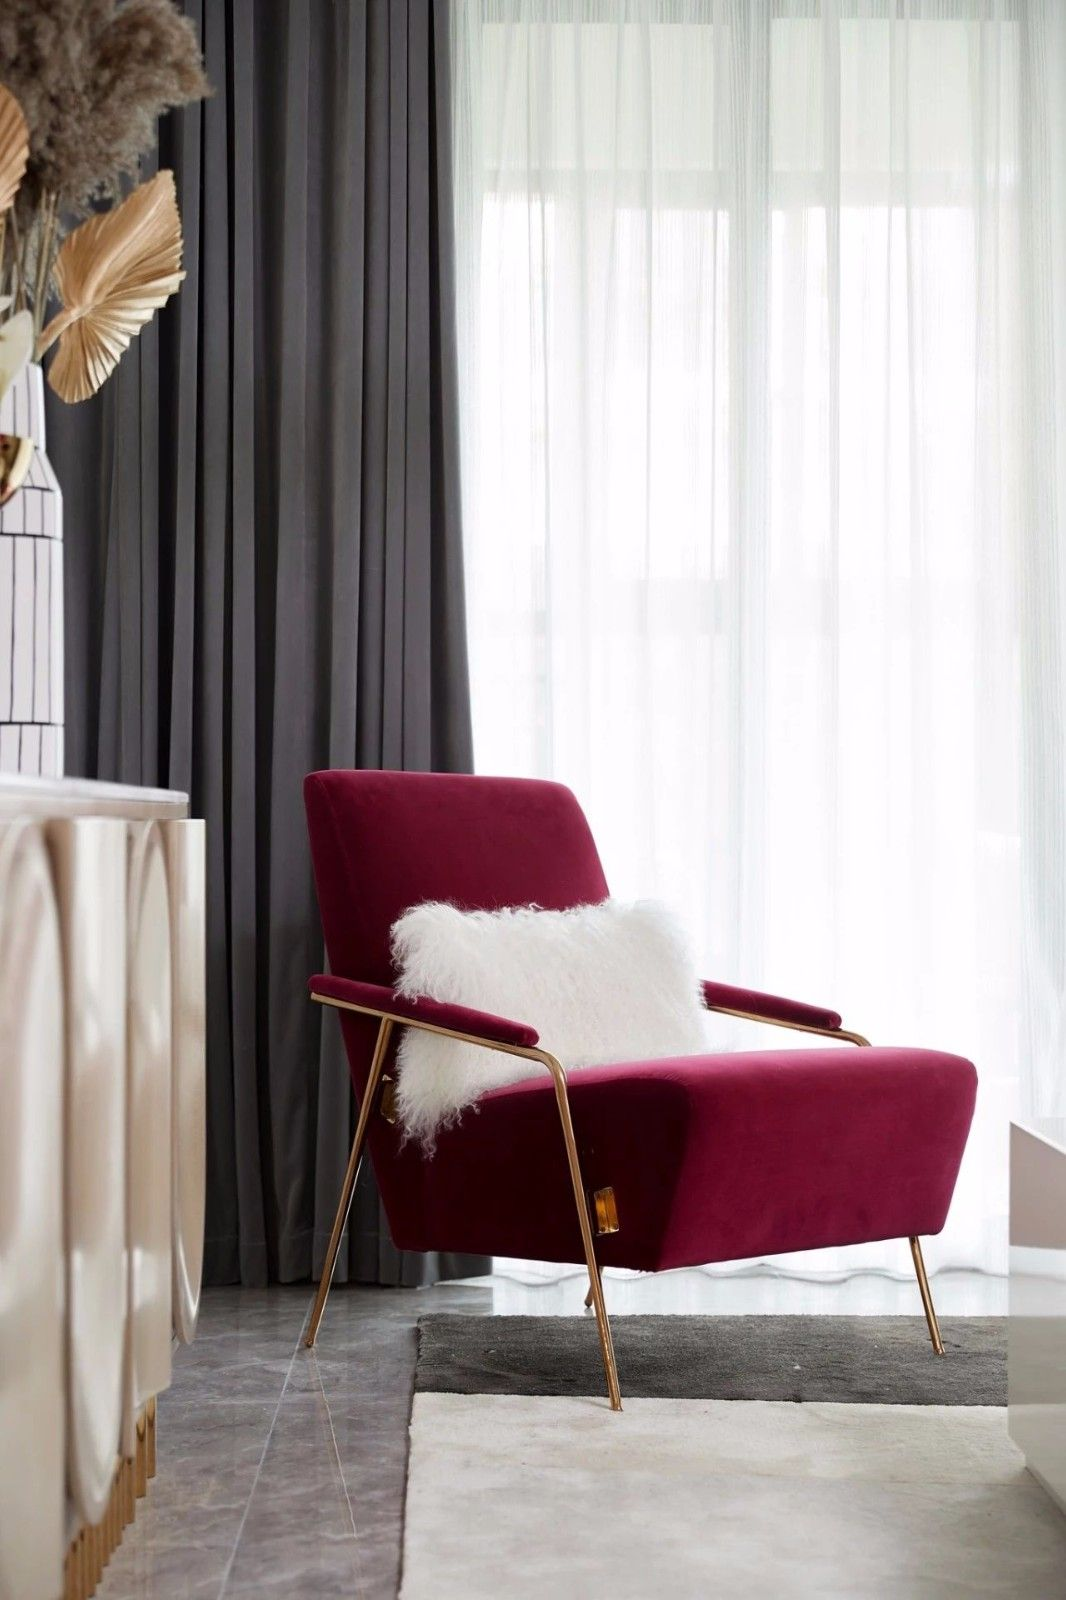 ''红梨色''点缀的奢丽雅致住宅丨这是一场以取悦自我为主题的视觉盛宴 D.DECOR DESIGN - 10